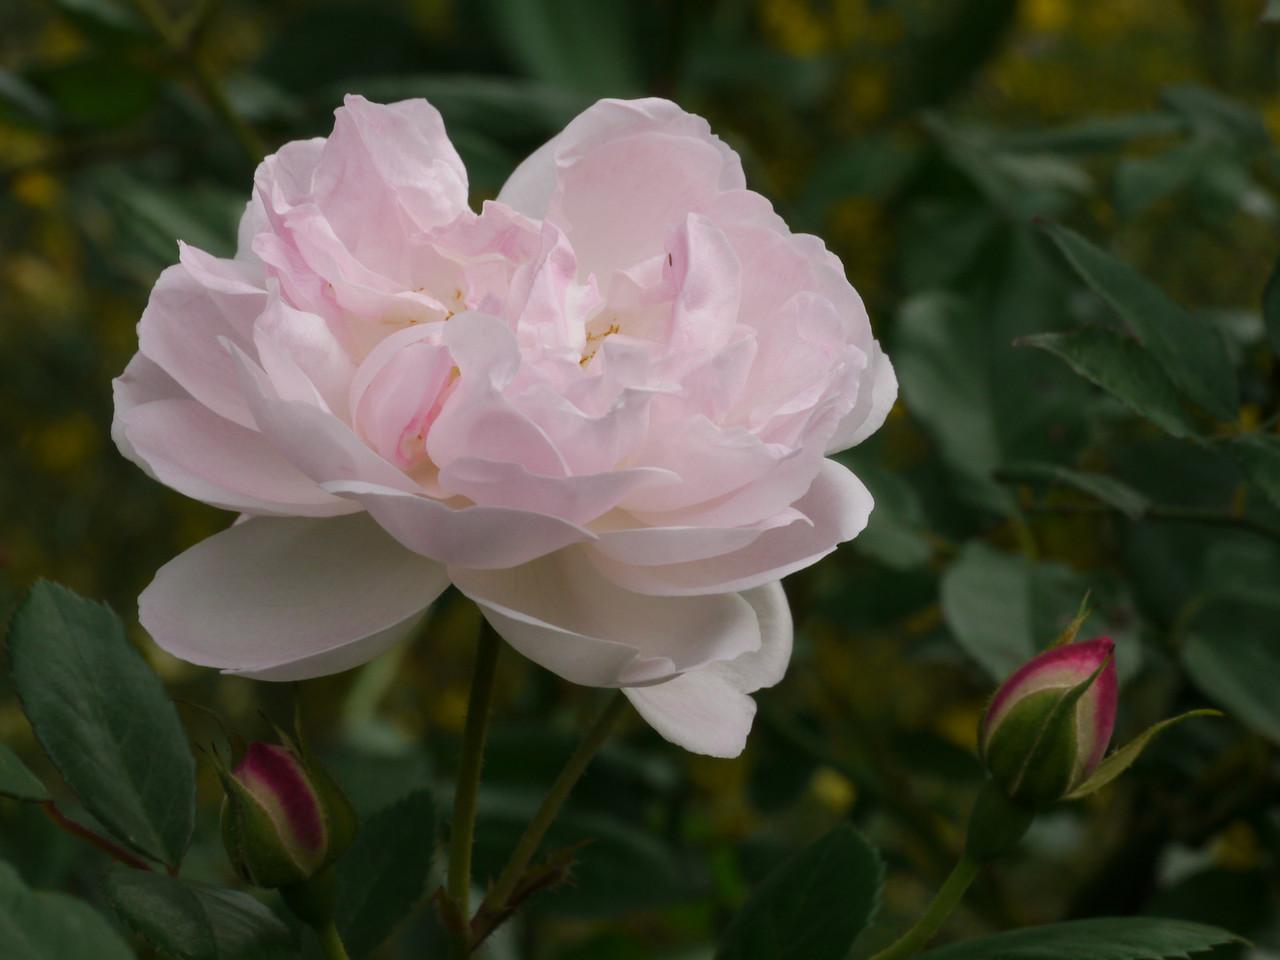 20121021_0823_4142 rose